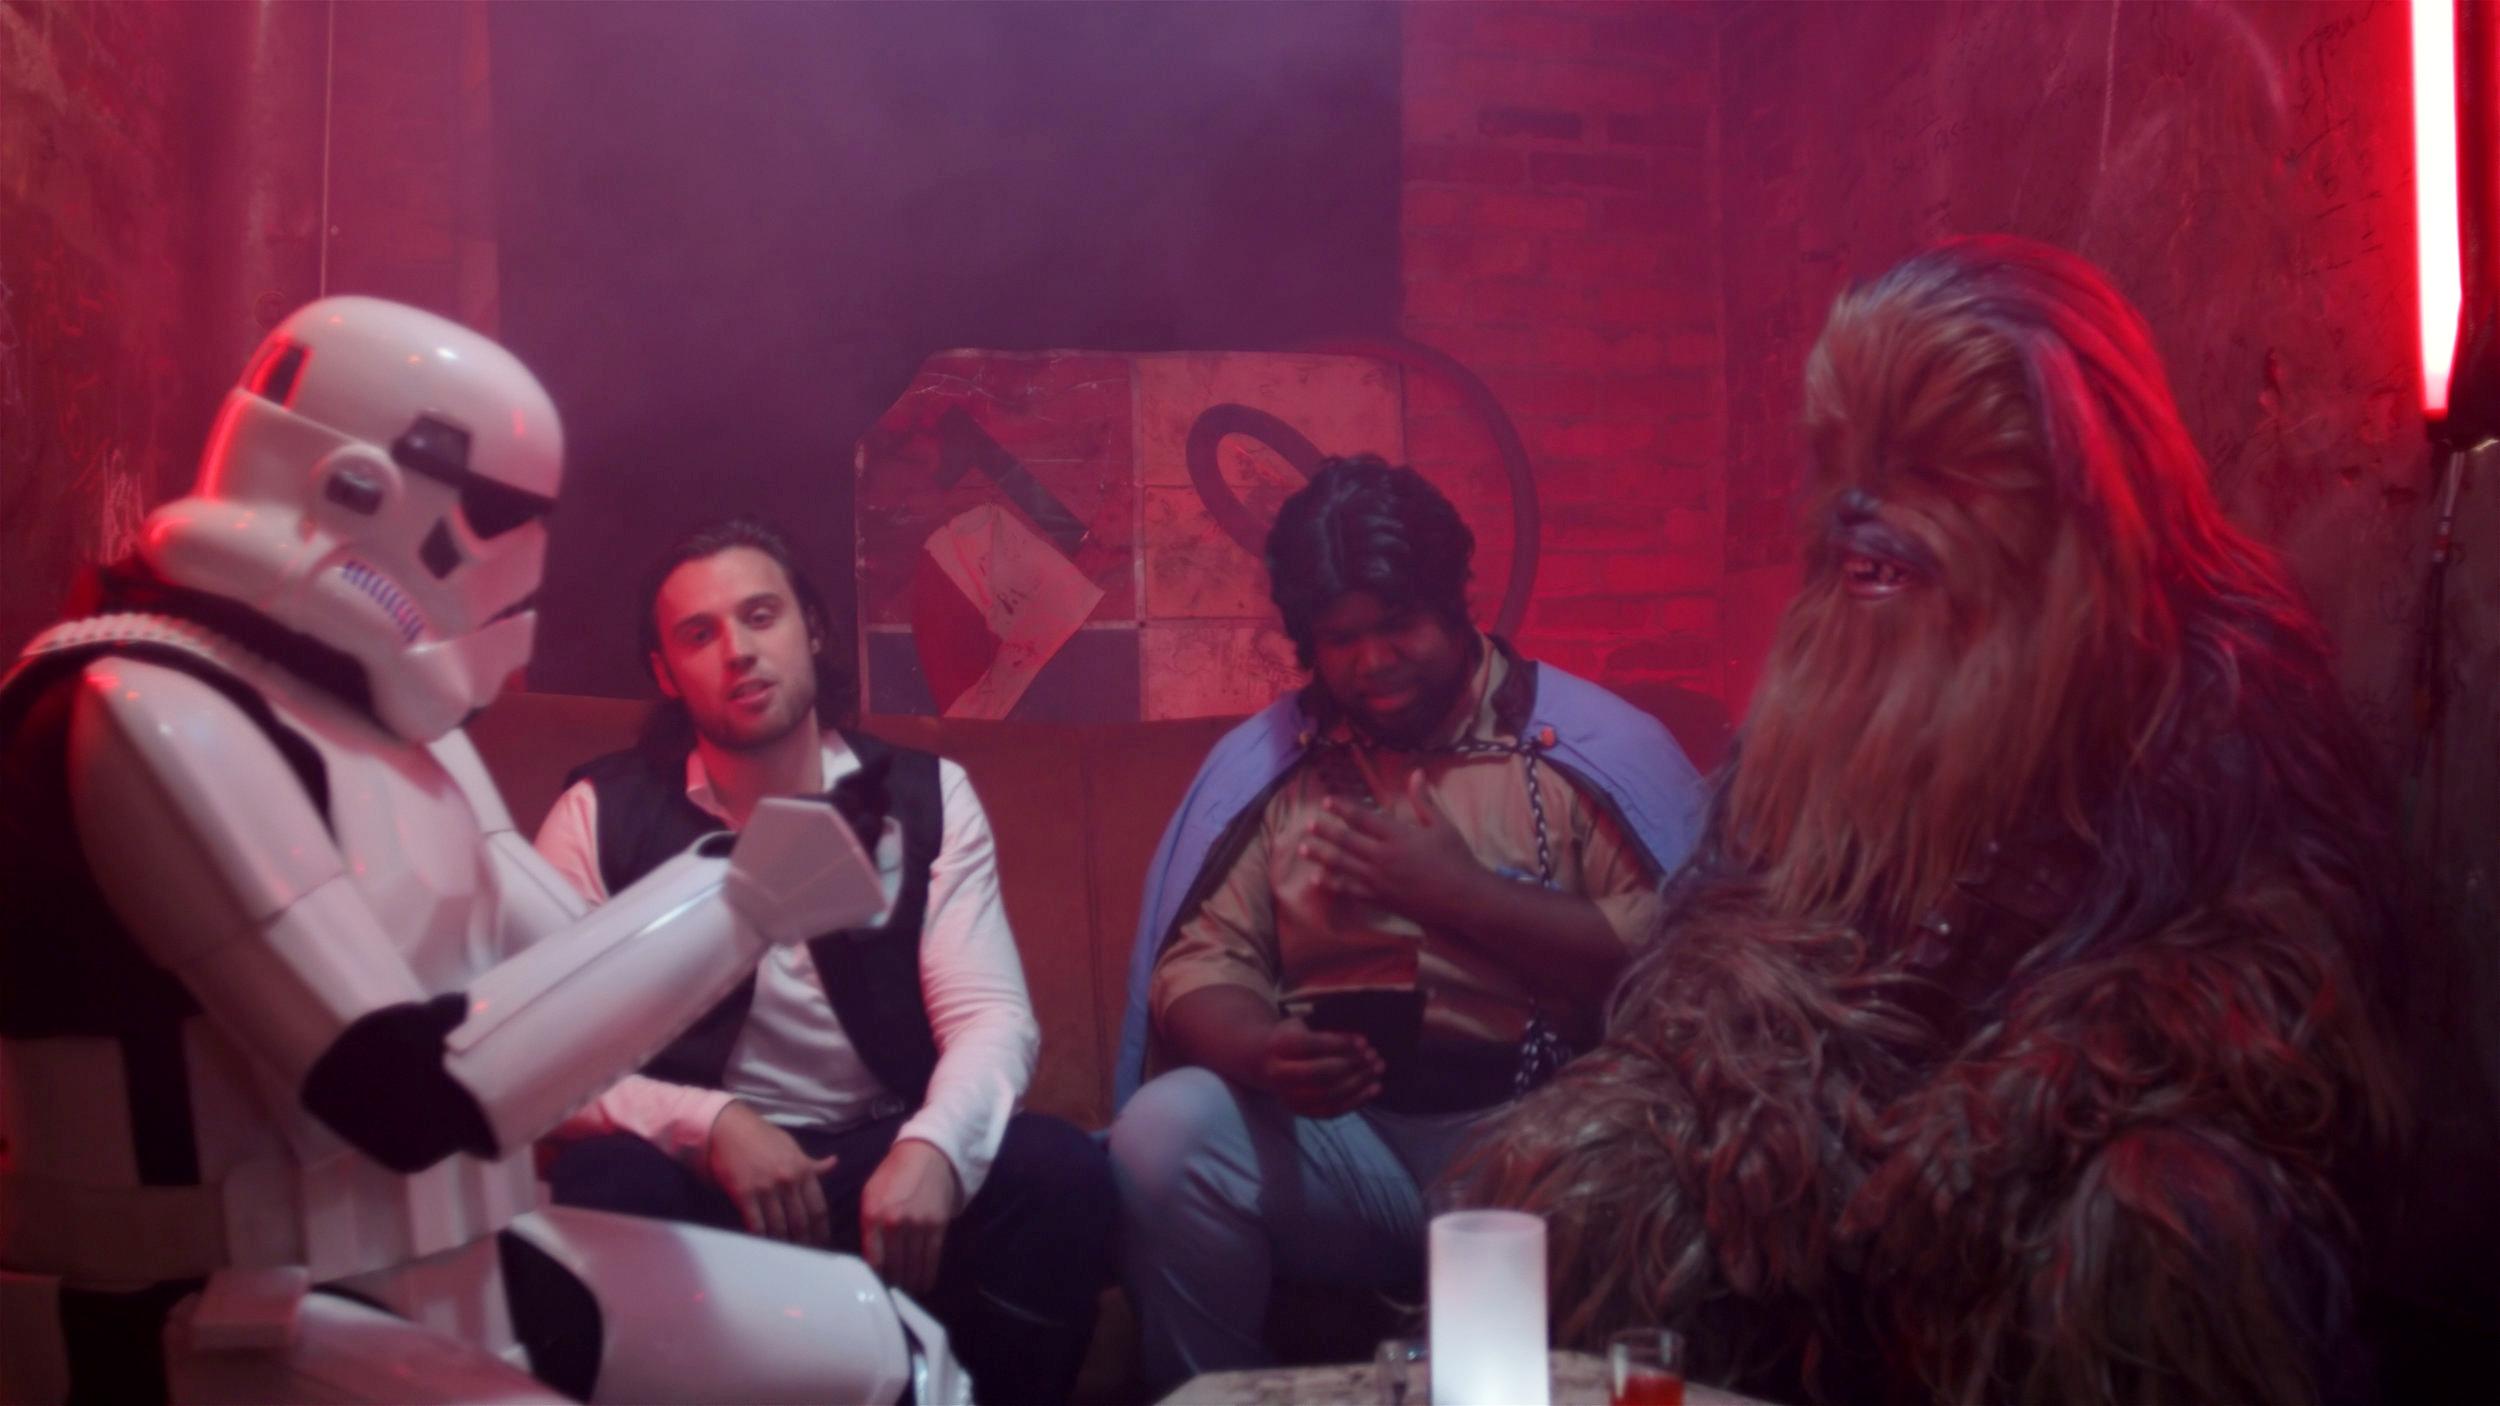 Chewbacca Rap Video